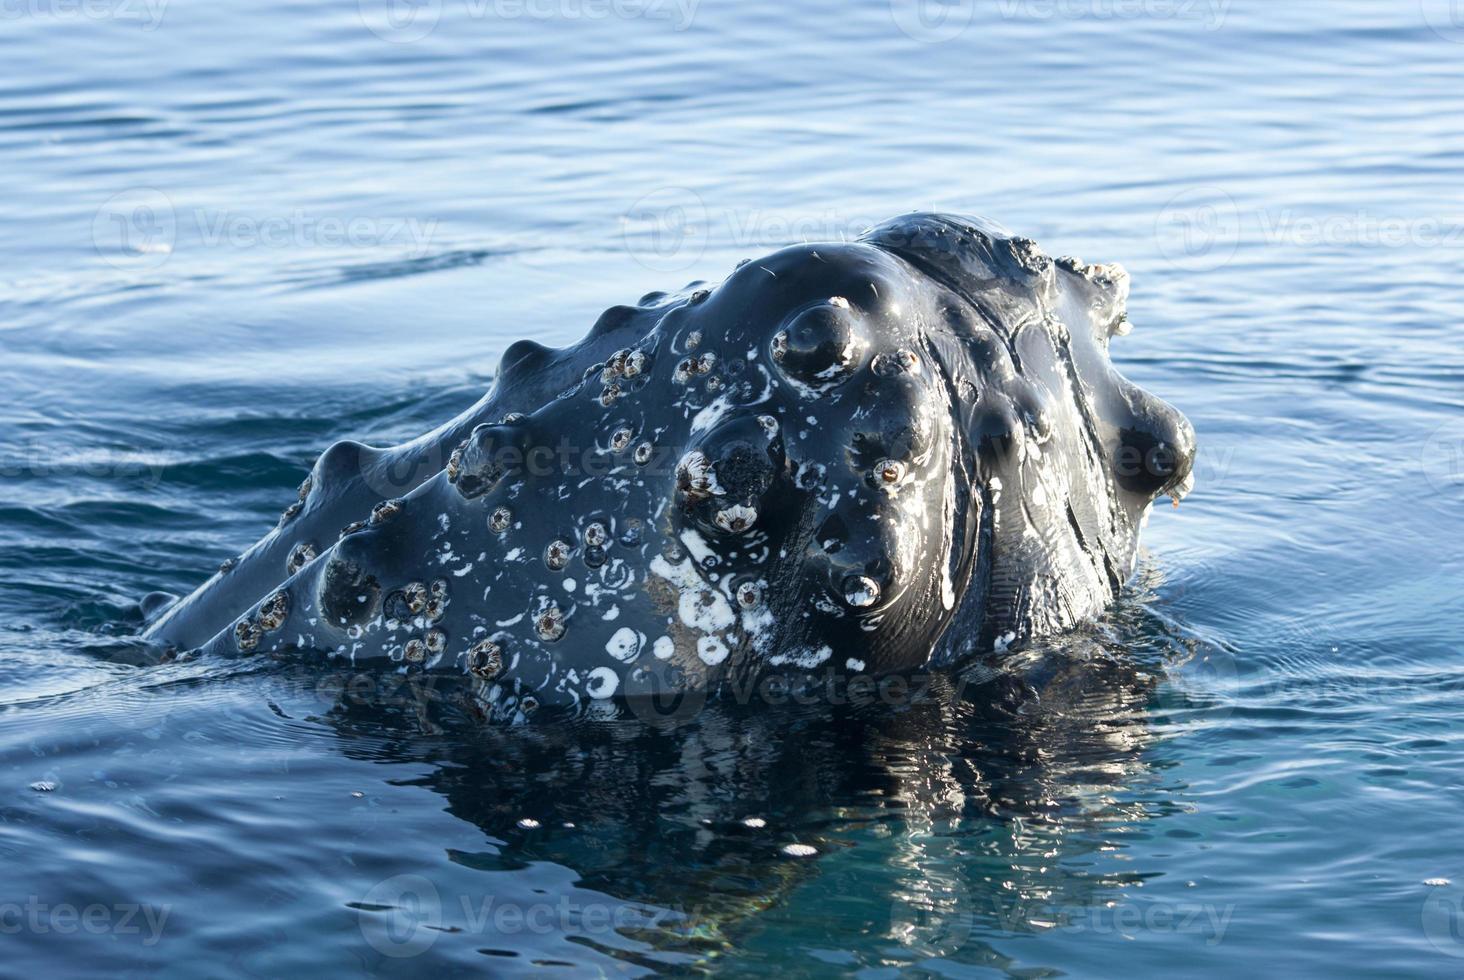 cabeza de ballena jorobada-2. foto